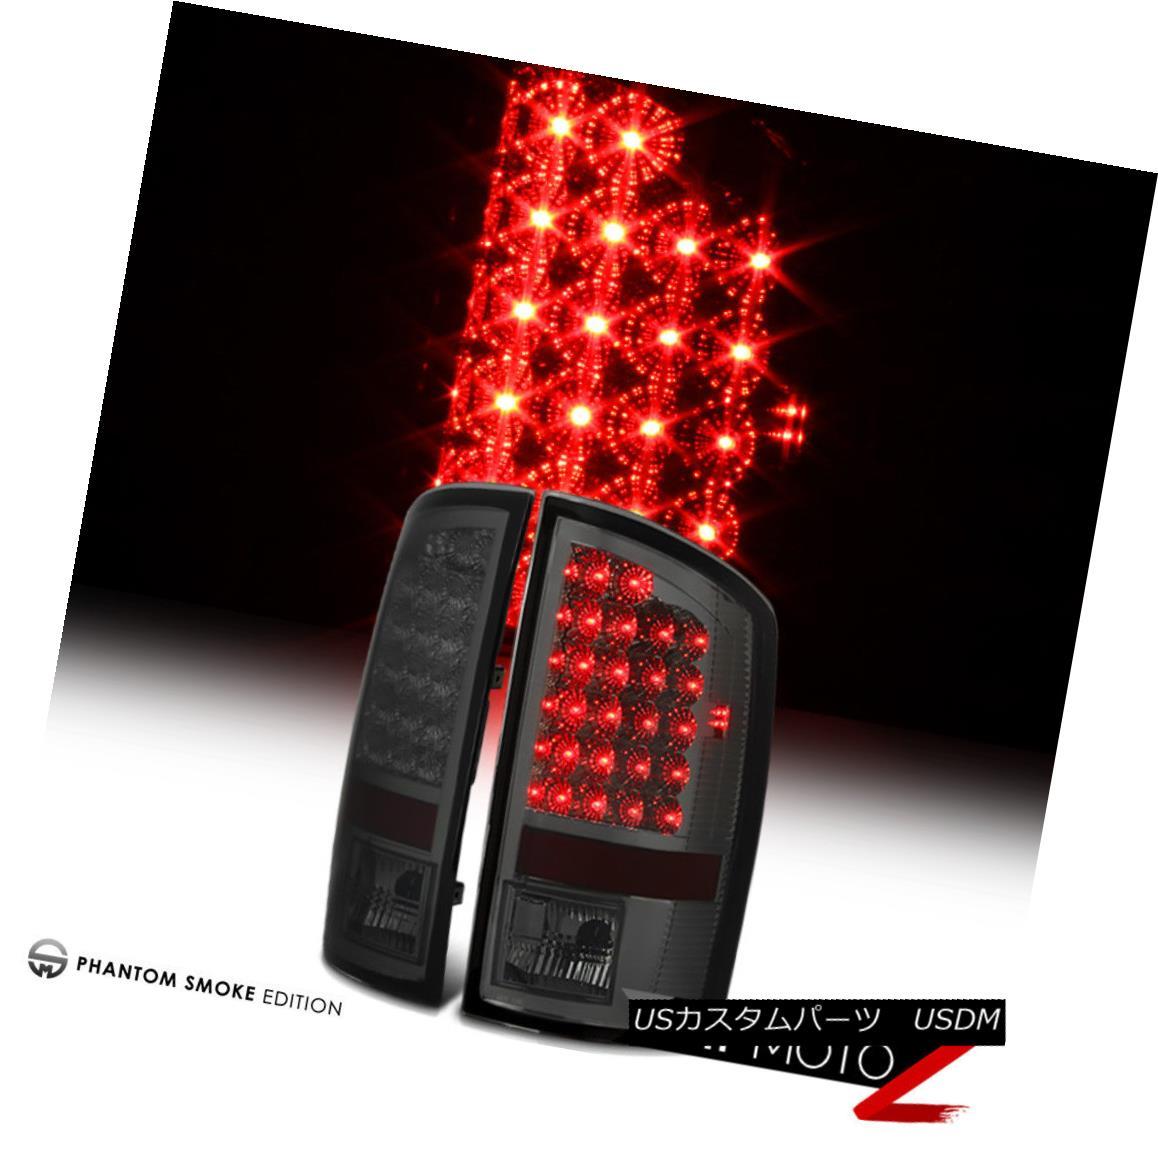 テールライト L+R Smoke テールライト LED Tail Lights 1500/2500/3500 Brake Signal 1500/2500/3500 Lamps 2007-2008 Dodge RAM 1500/2500/3500 L + R煙LEDテールライトブレーキ信号ランプ2007-2008ダッジRAM 1500/2500/3500, オールドギア:8cc8f727 --- officewill.xsrv.jp